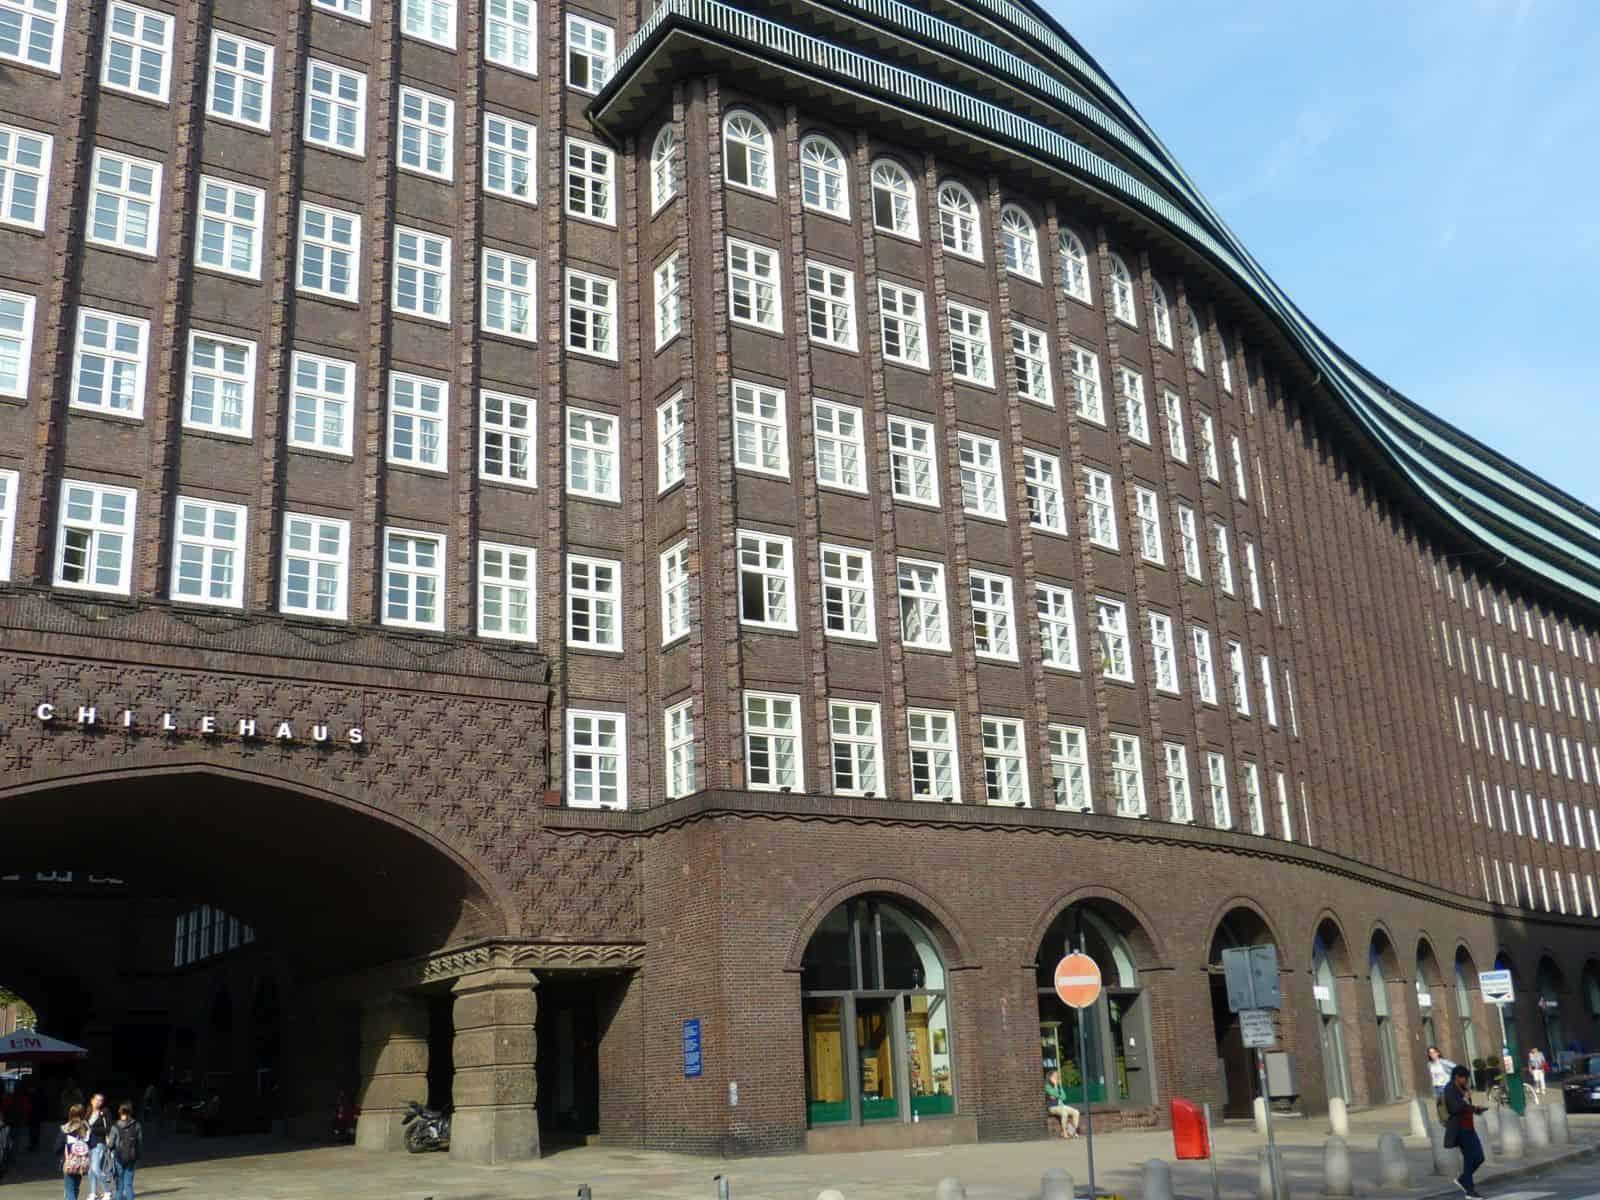 Kontorhausviertel Rundgang: Chilehaus - Foto: Fred Schübbe